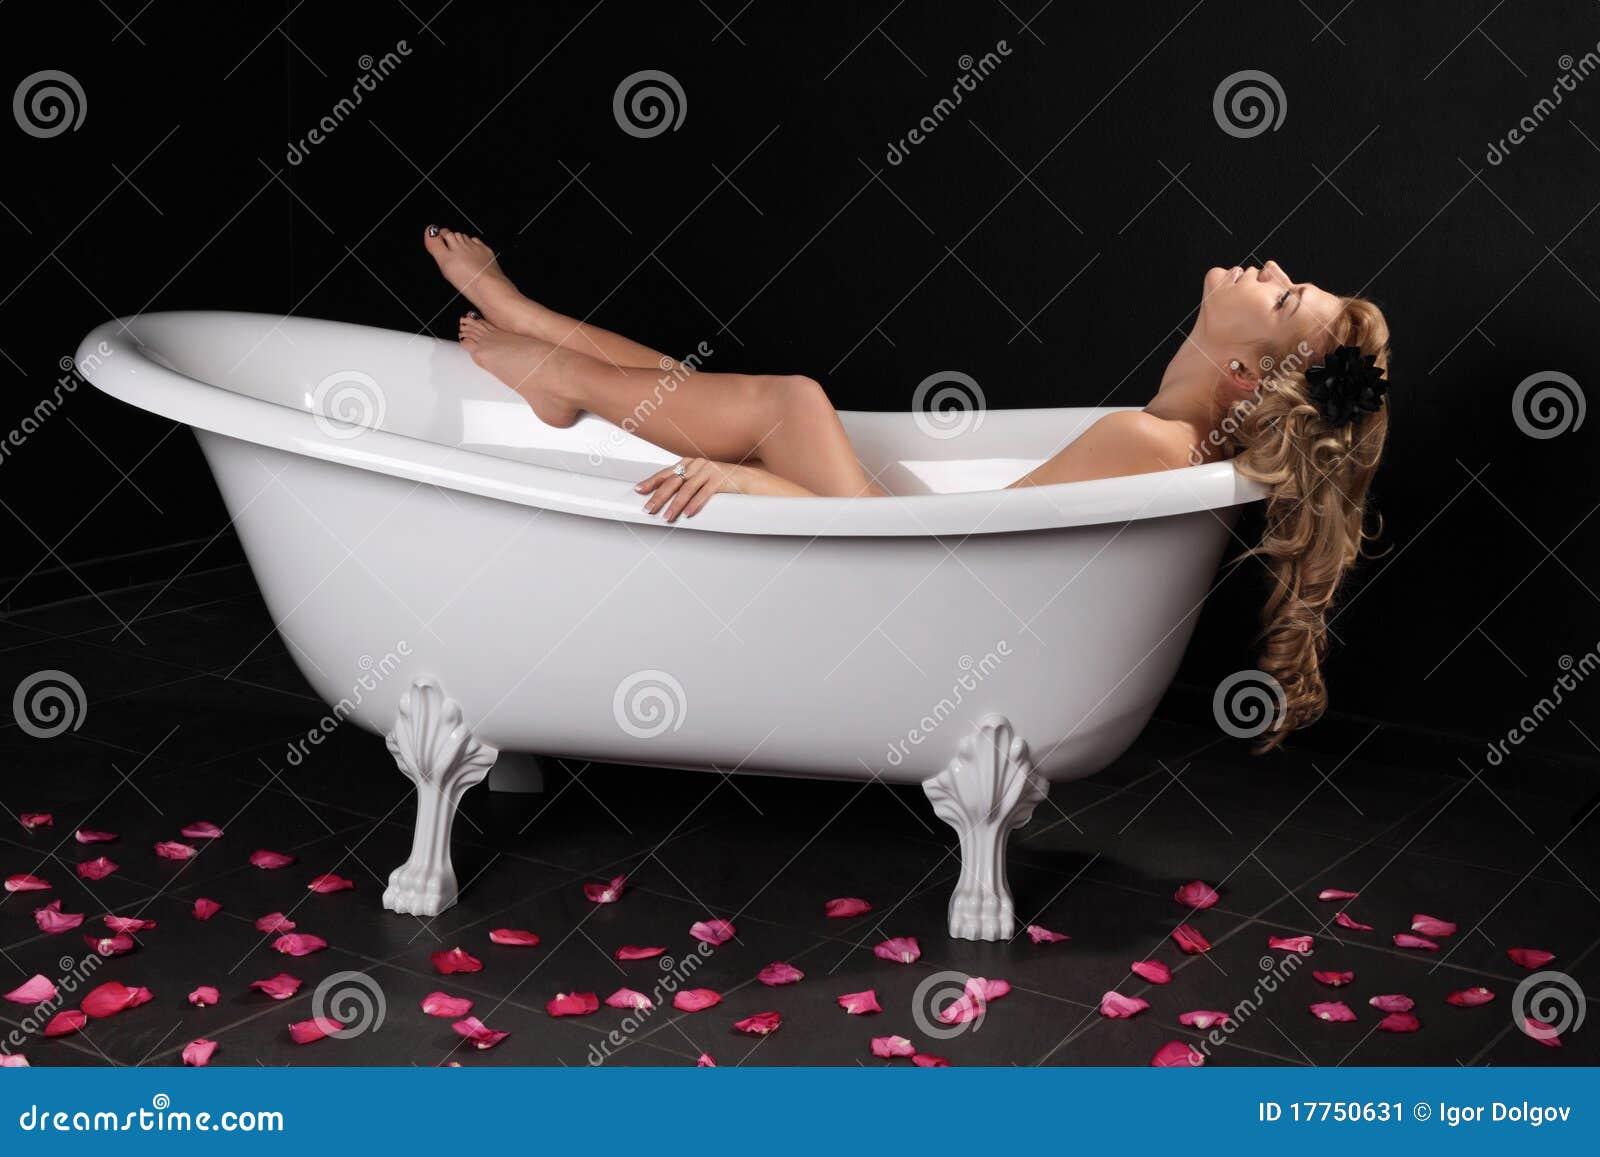 La fille dans une salle de bains image stock image 17750631 for Salle de bain fille